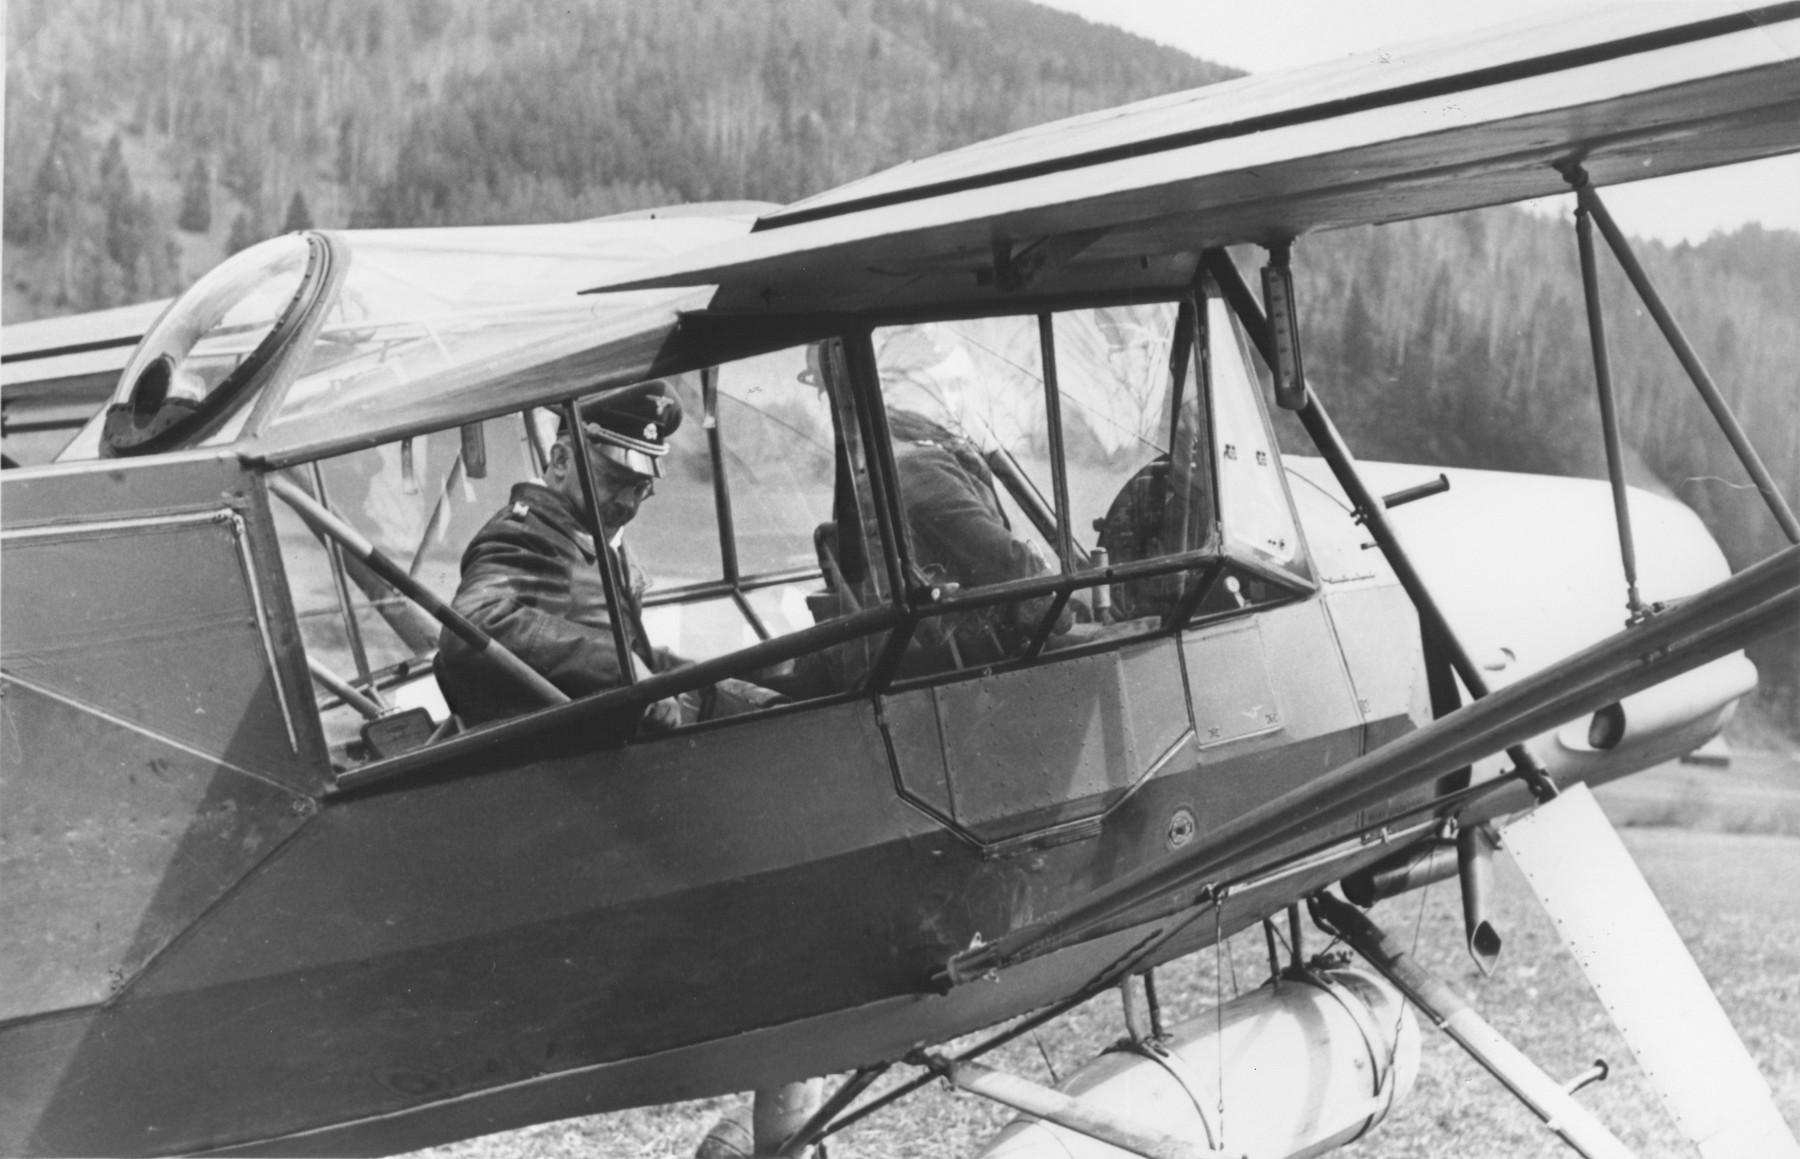 Reichsfuehrer-SS Heinrich Himmler riding as a passenger in an airplane.